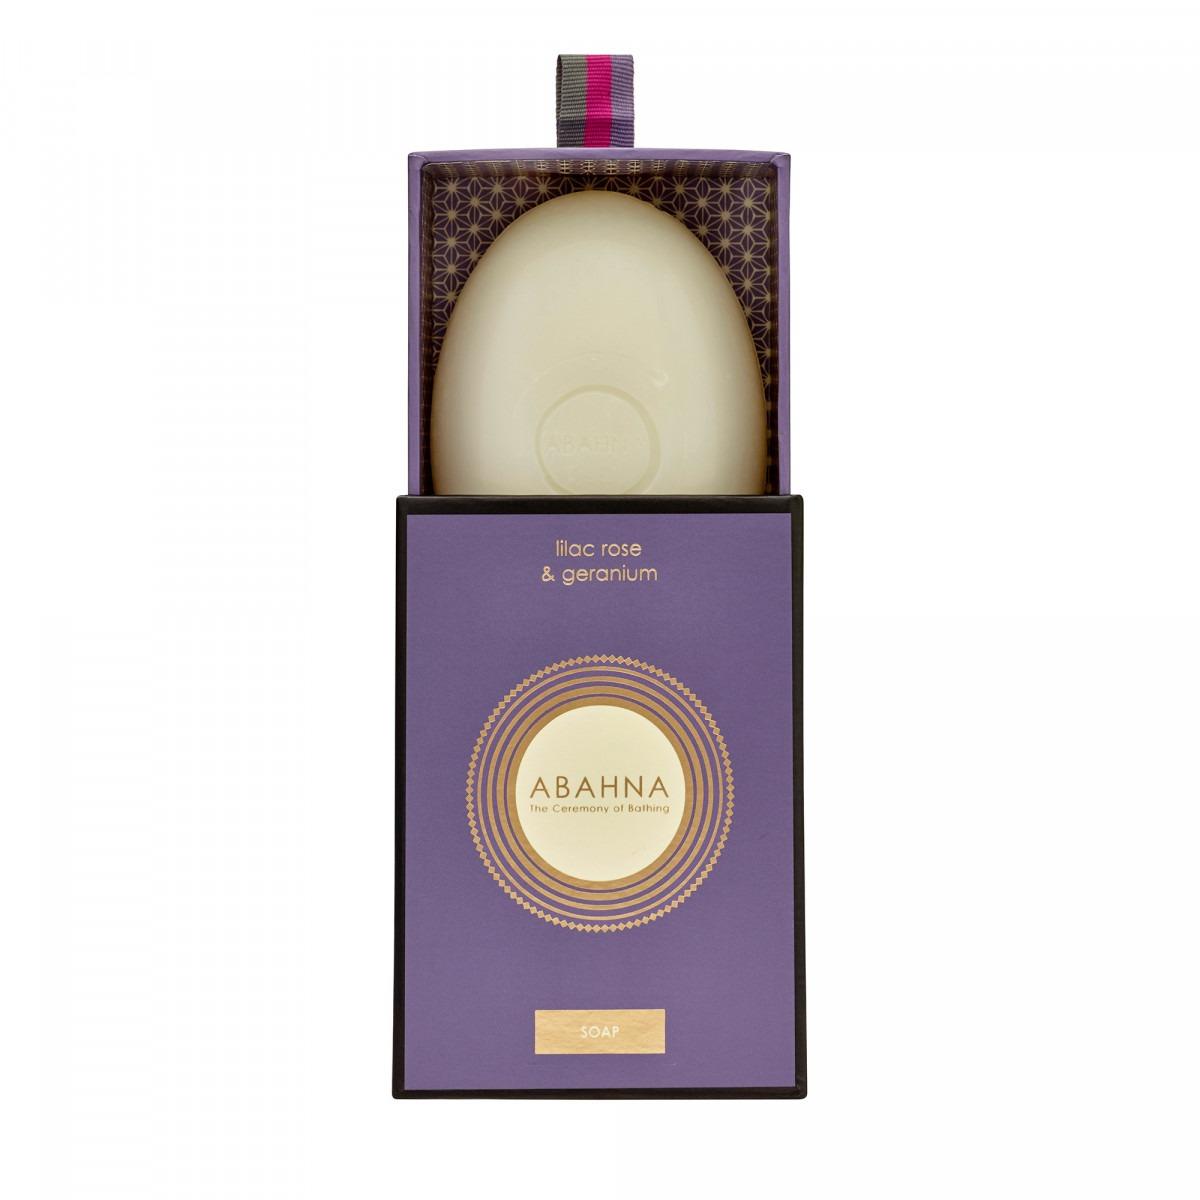 Abahna lilac rose & geranium boxed soap 170g